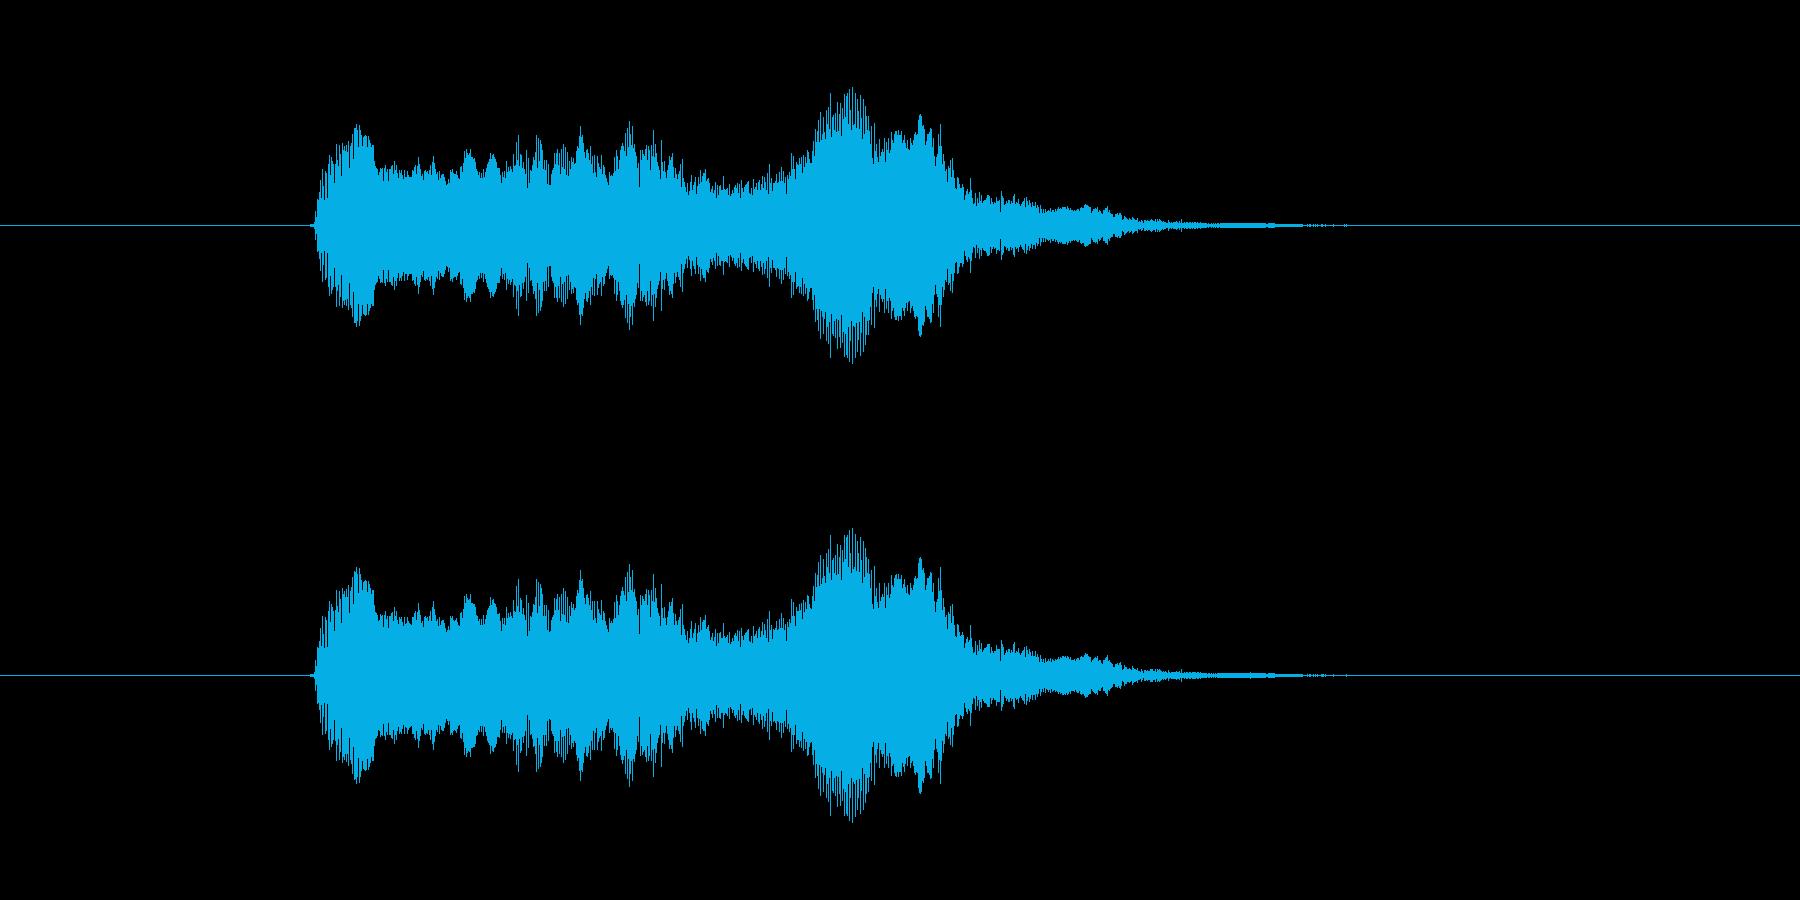 オーイェイ!という掛け声系効果音の再生済みの波形